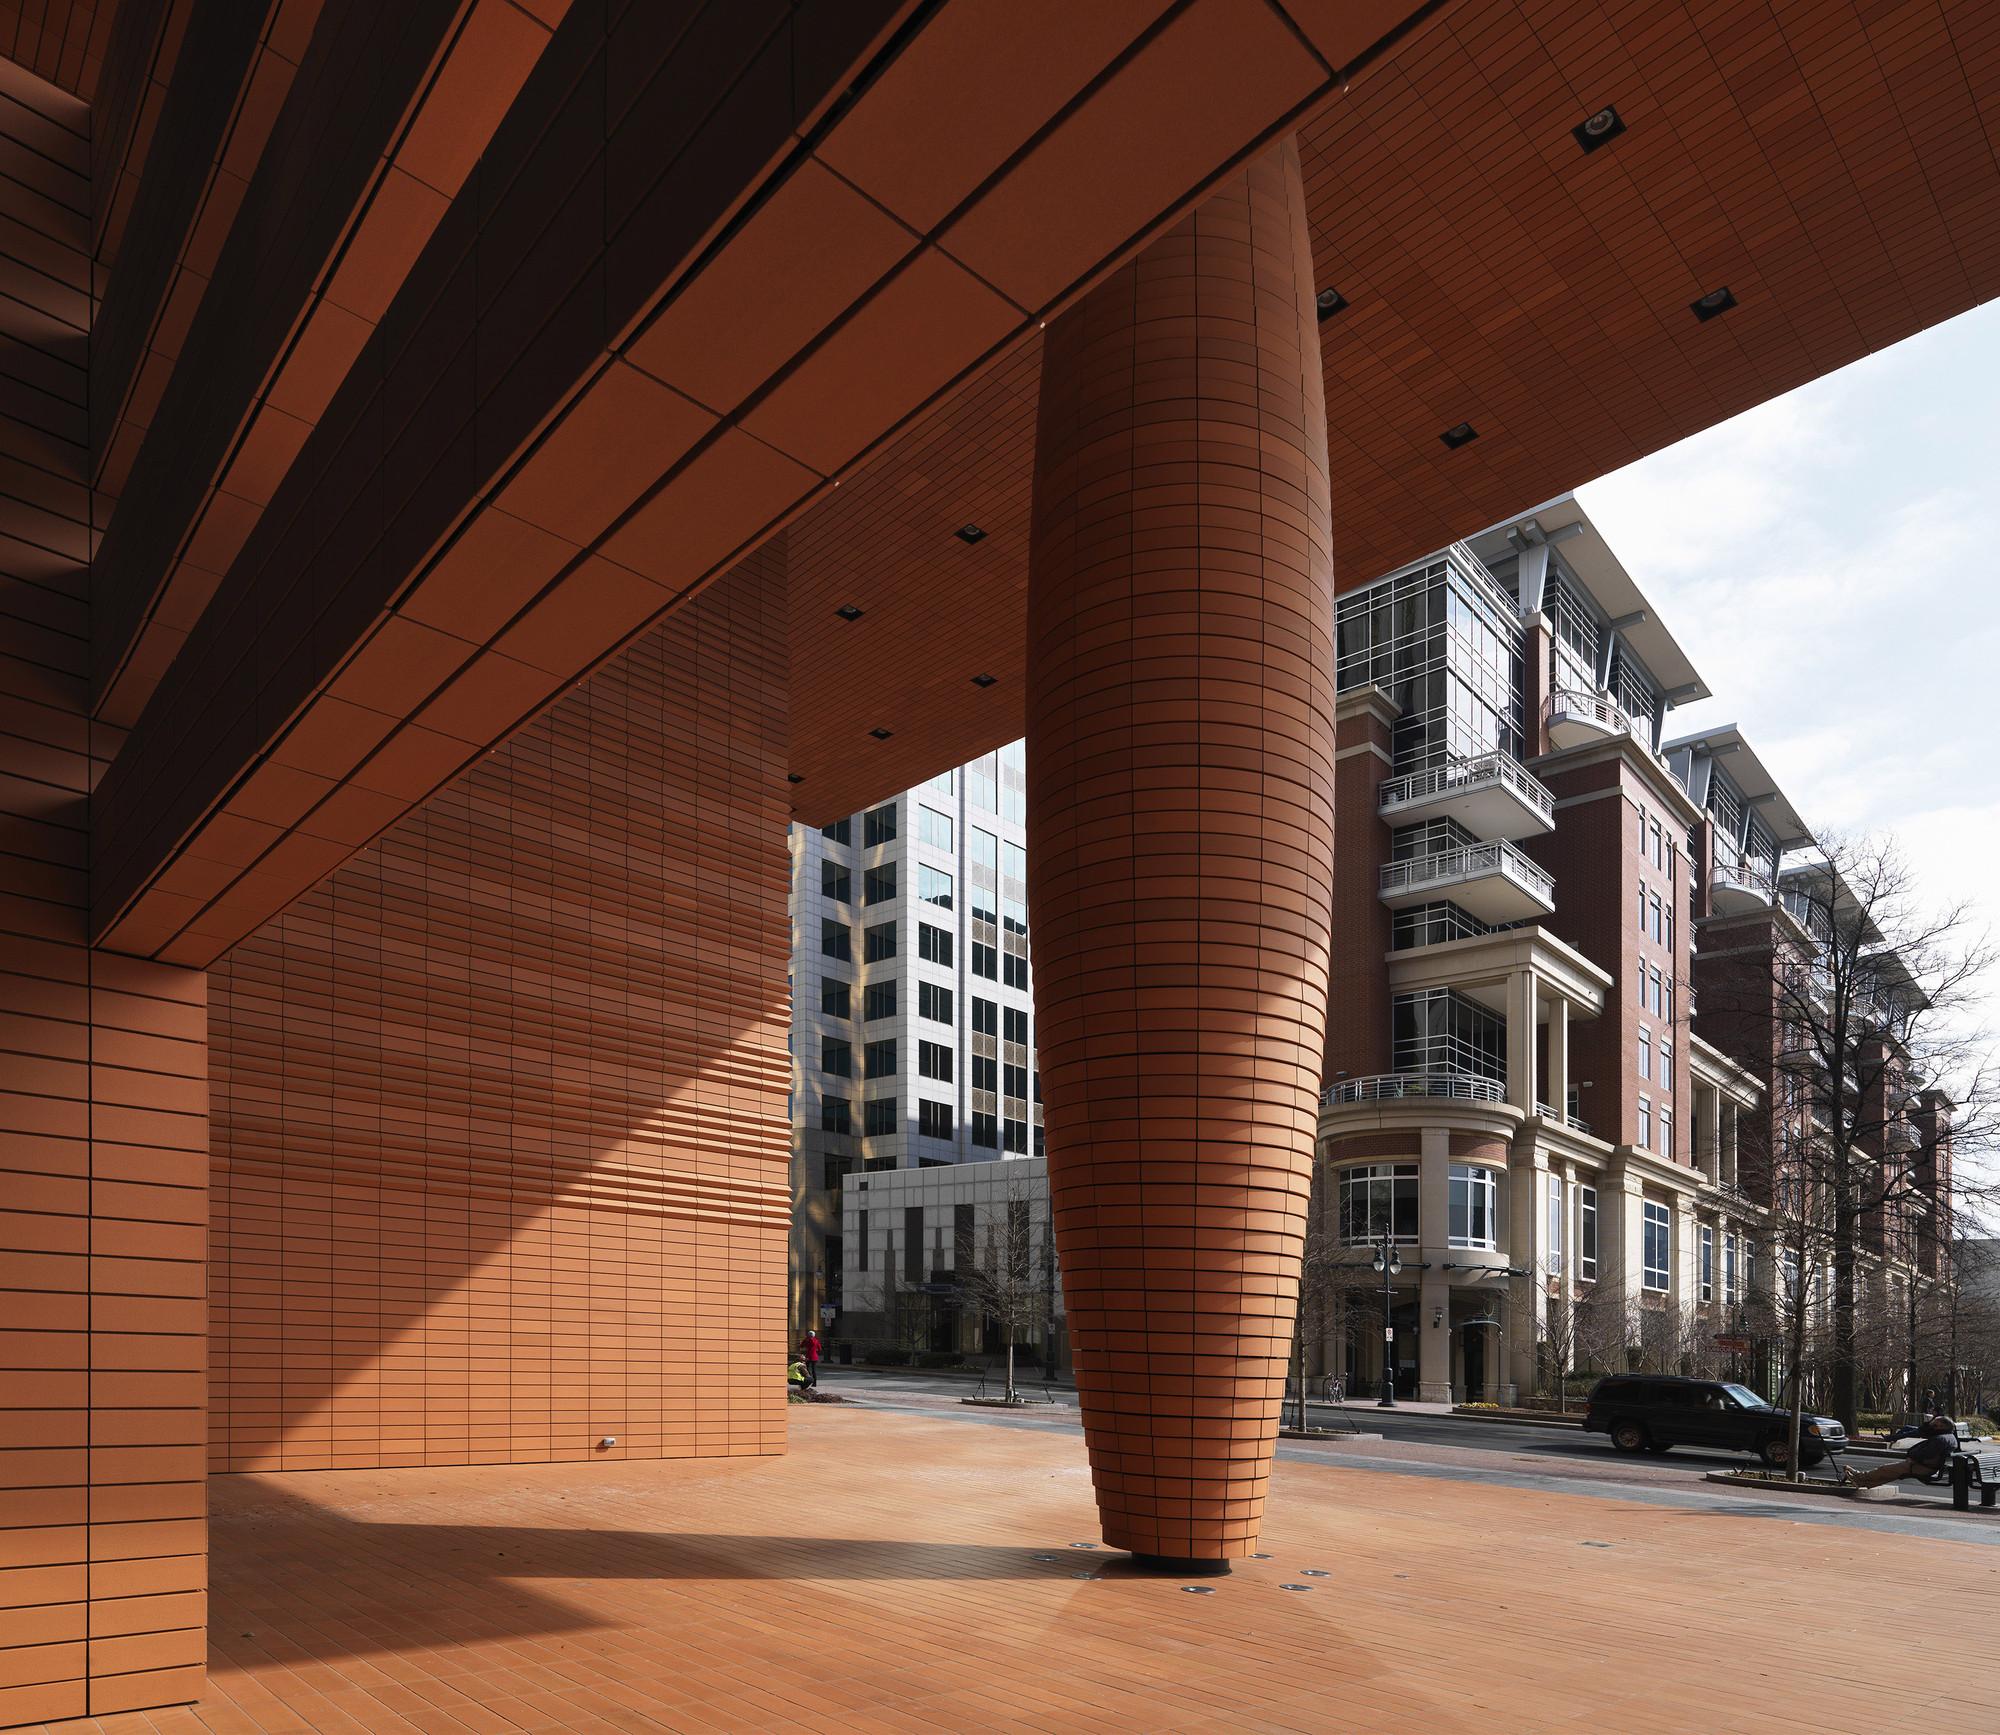 Gallery of Bechtler Museum of Modern Art / Mario Botta - 5